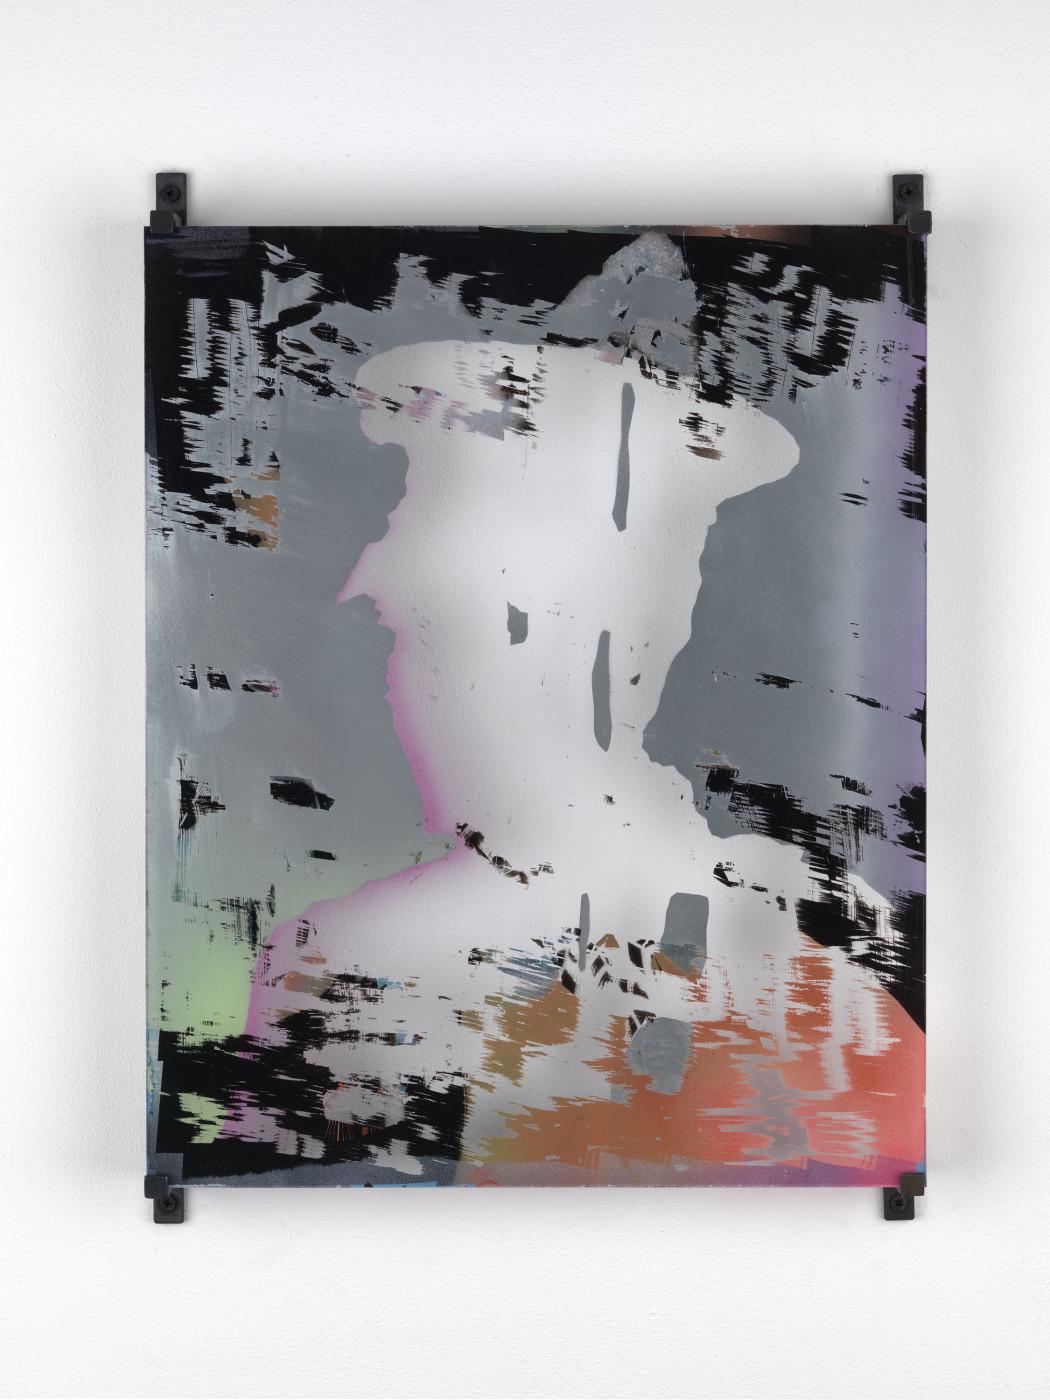 """<div class=""""artwork_caption""""><div class=""""title""""><em>Untitled</em>, 2011</div><div class=""""medium"""">4mm glass enamel spray paint and silver</div><div class=""""dimensions"""">50.0 x 40.0 cm<br />19 5/8 x 15 3/4 in.</div></div>"""